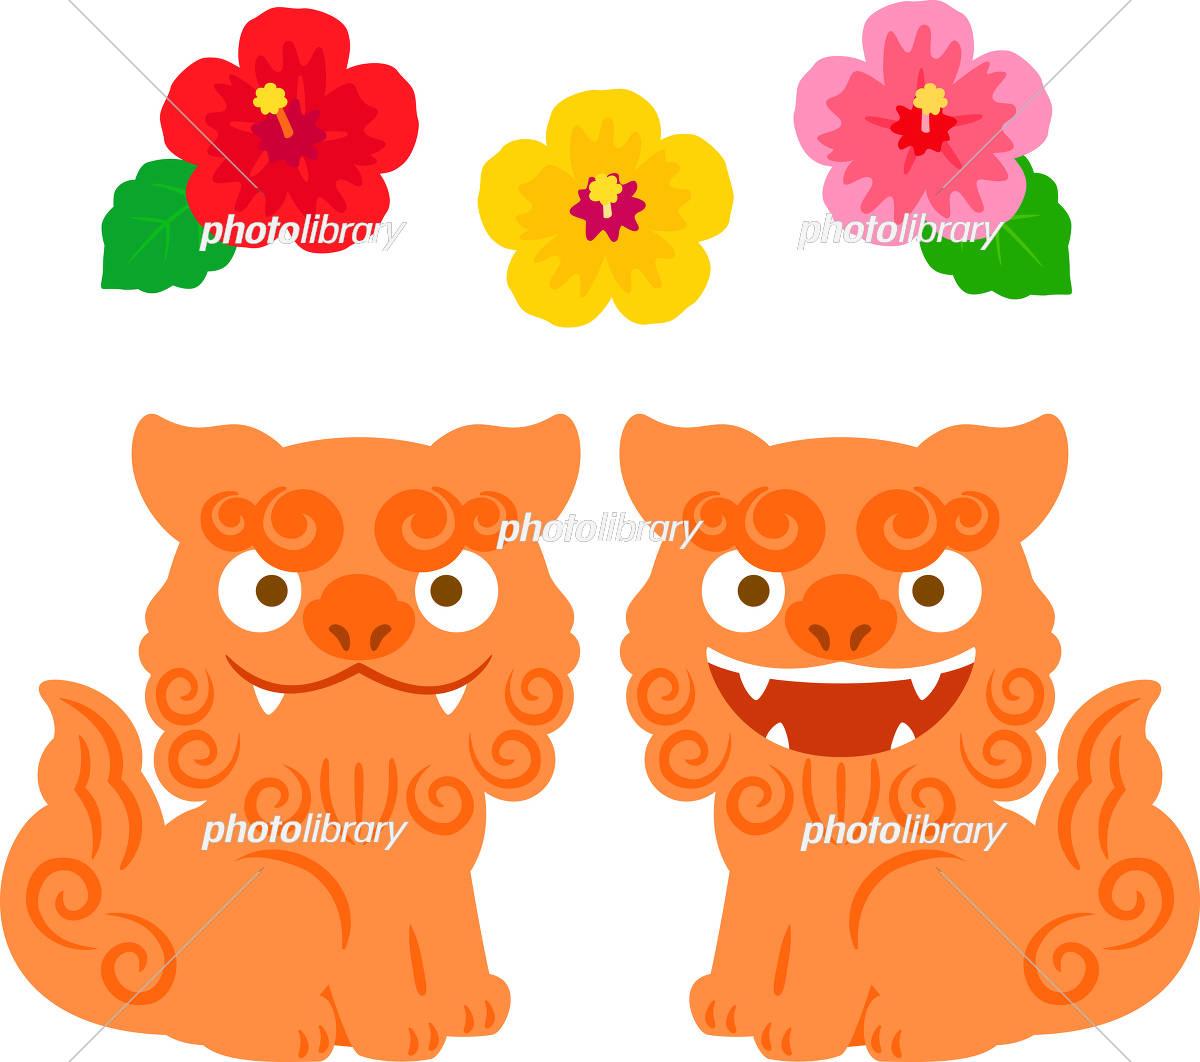 シーサーとハイビスカスの花 イラスト素材 5665816 フォトライブ